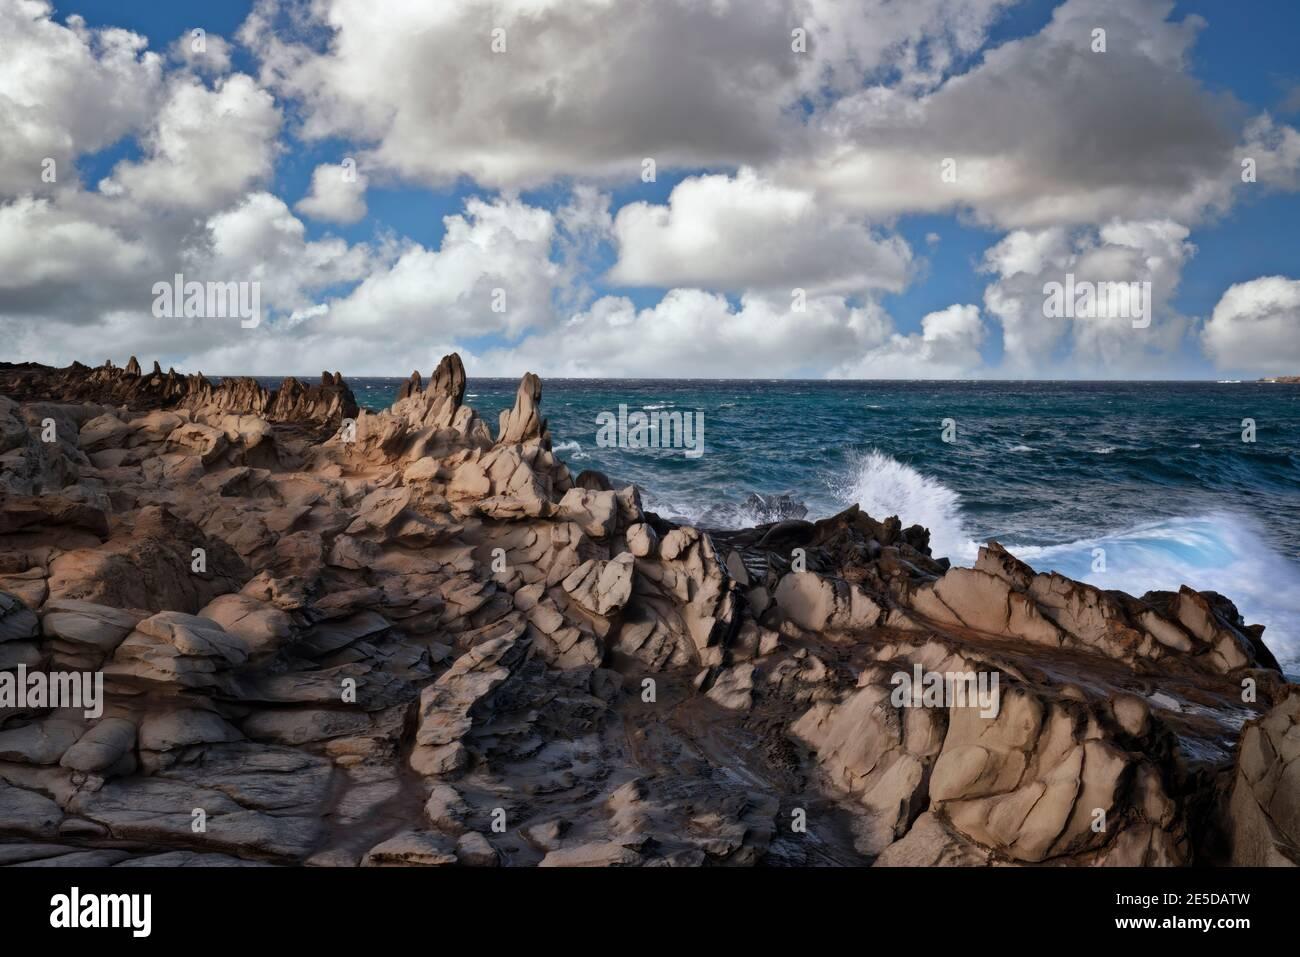 L'érosion par le vent et les vagues contre cette roche de lave a formé les dents du Dragon à Makaluapuna point sur l'île de Maui à Hawaï. Banque D'Images